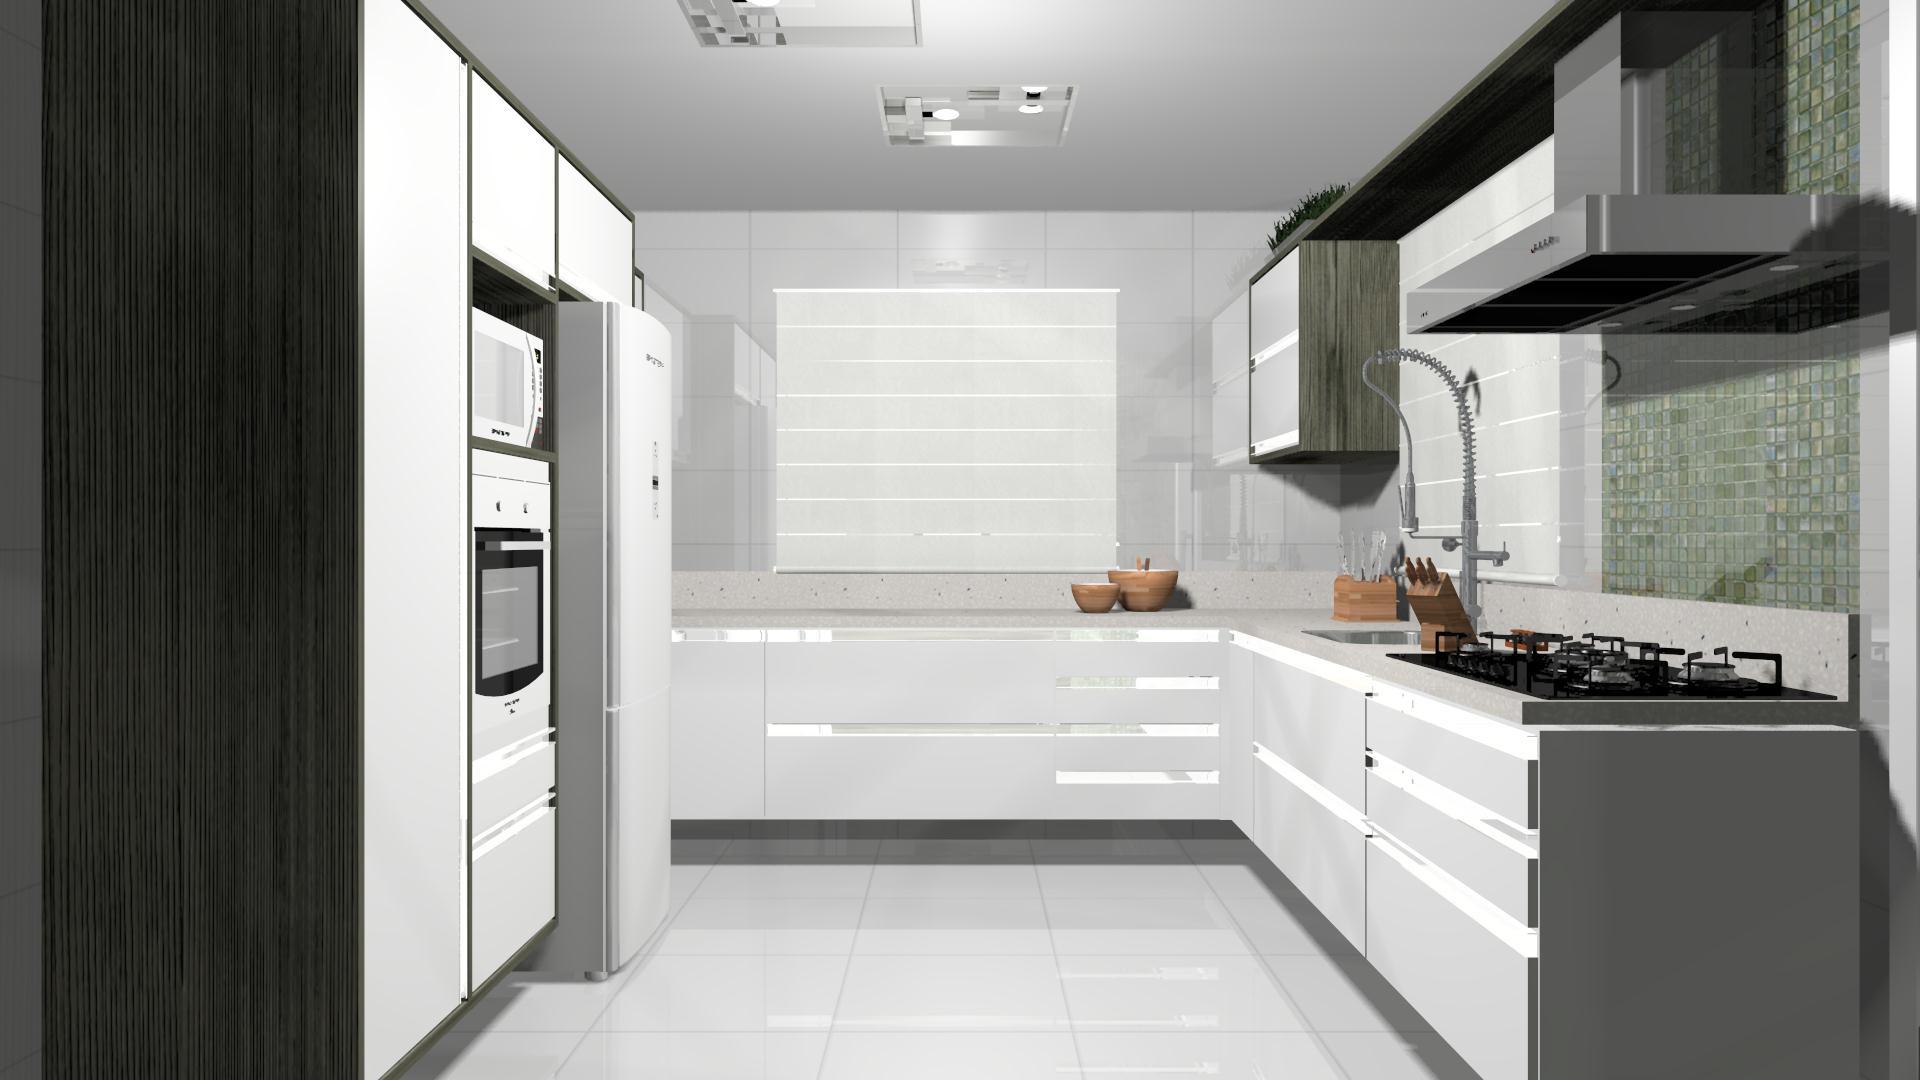 #8B5F40 Projeto – Cozinha Prática 1920x1080 px Projetos De Cozinhas Brastemp #439 imagens